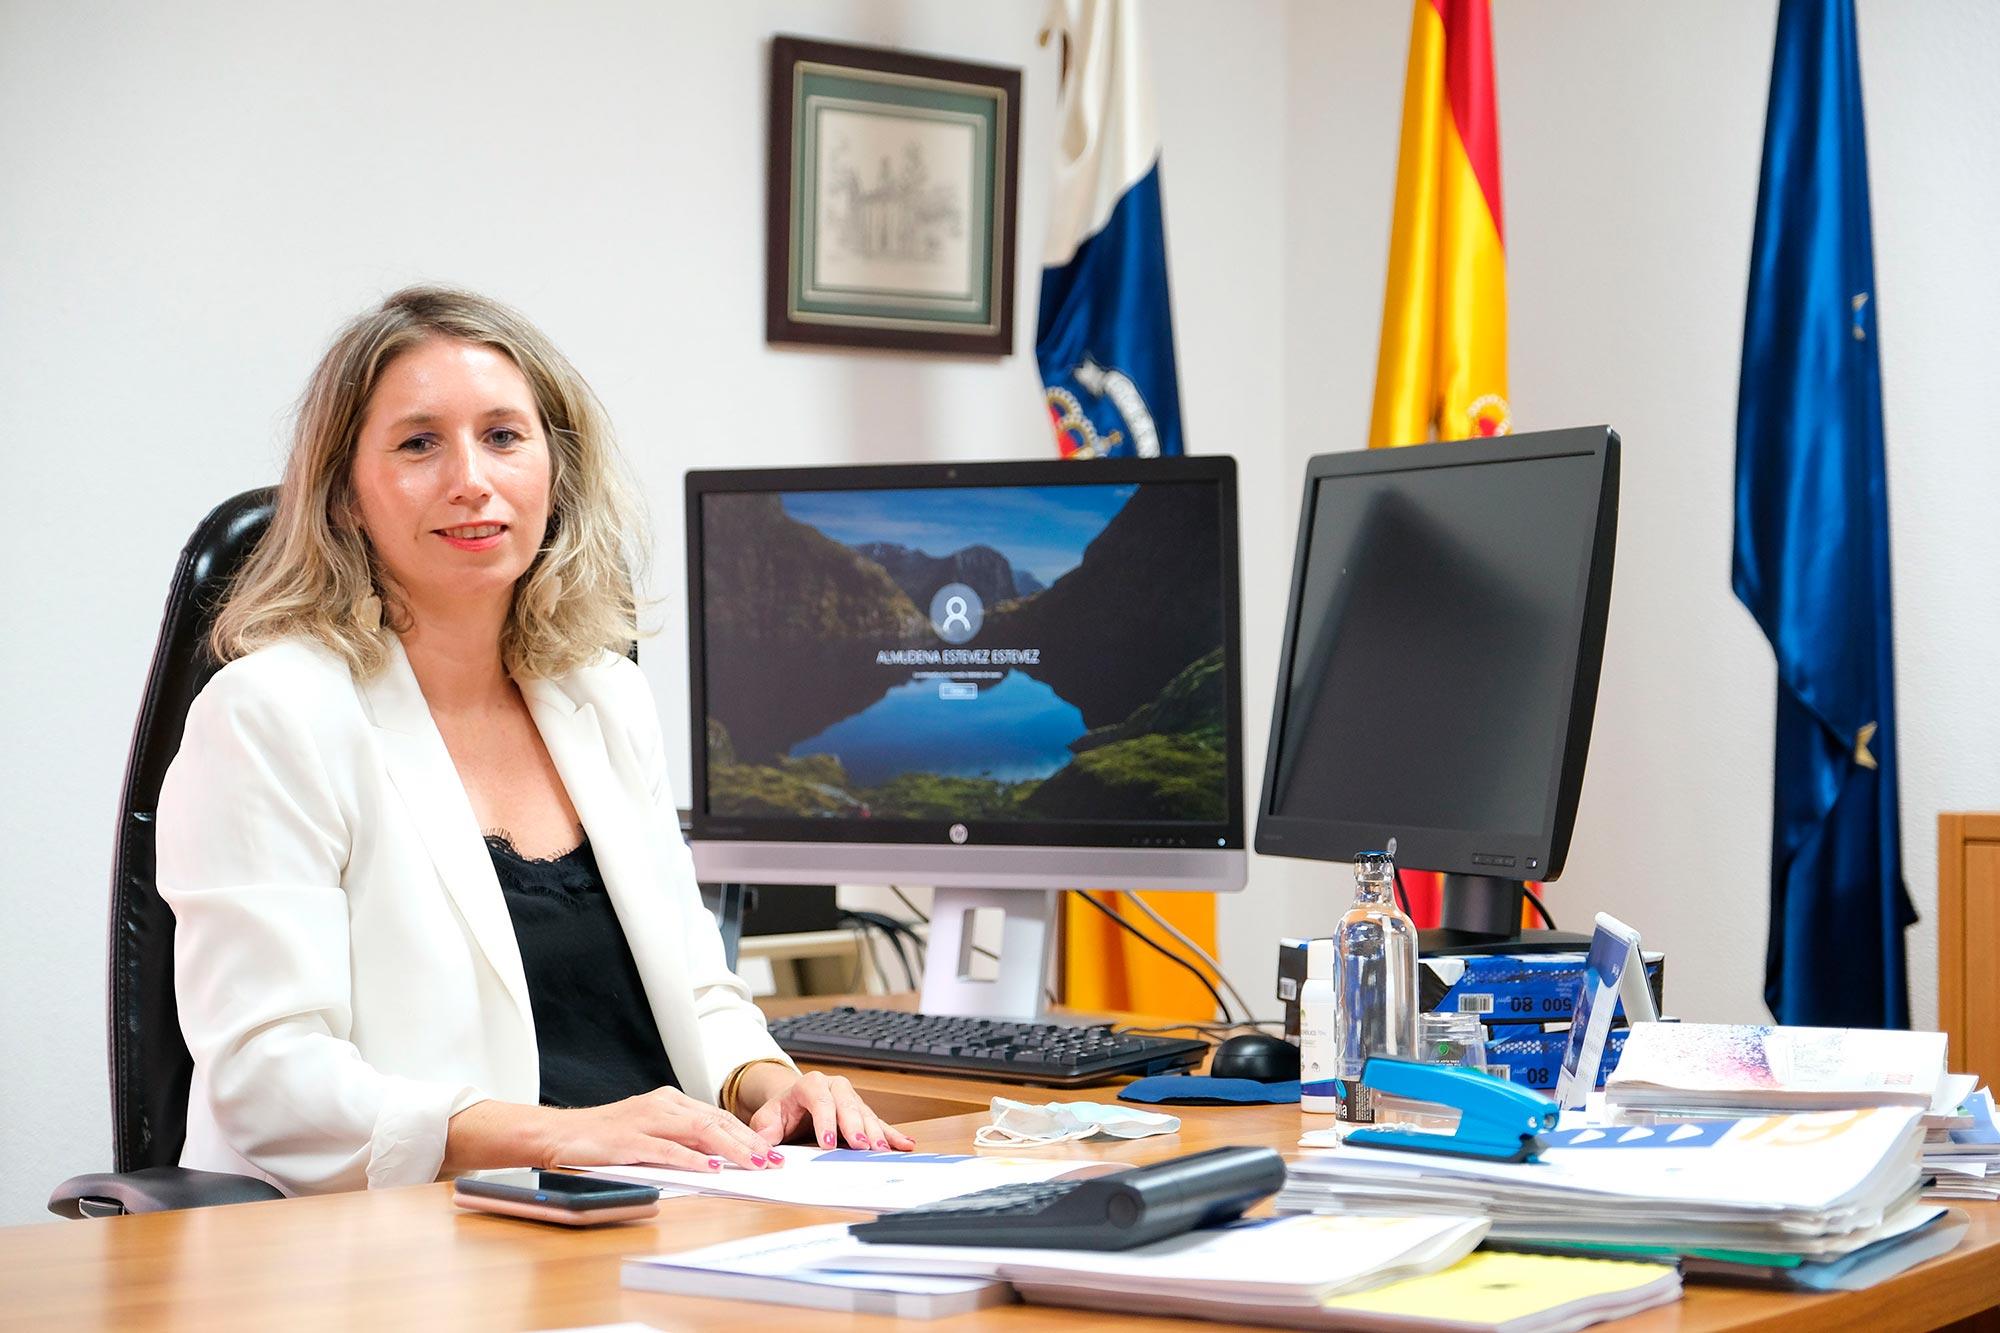 Almudena Estévez